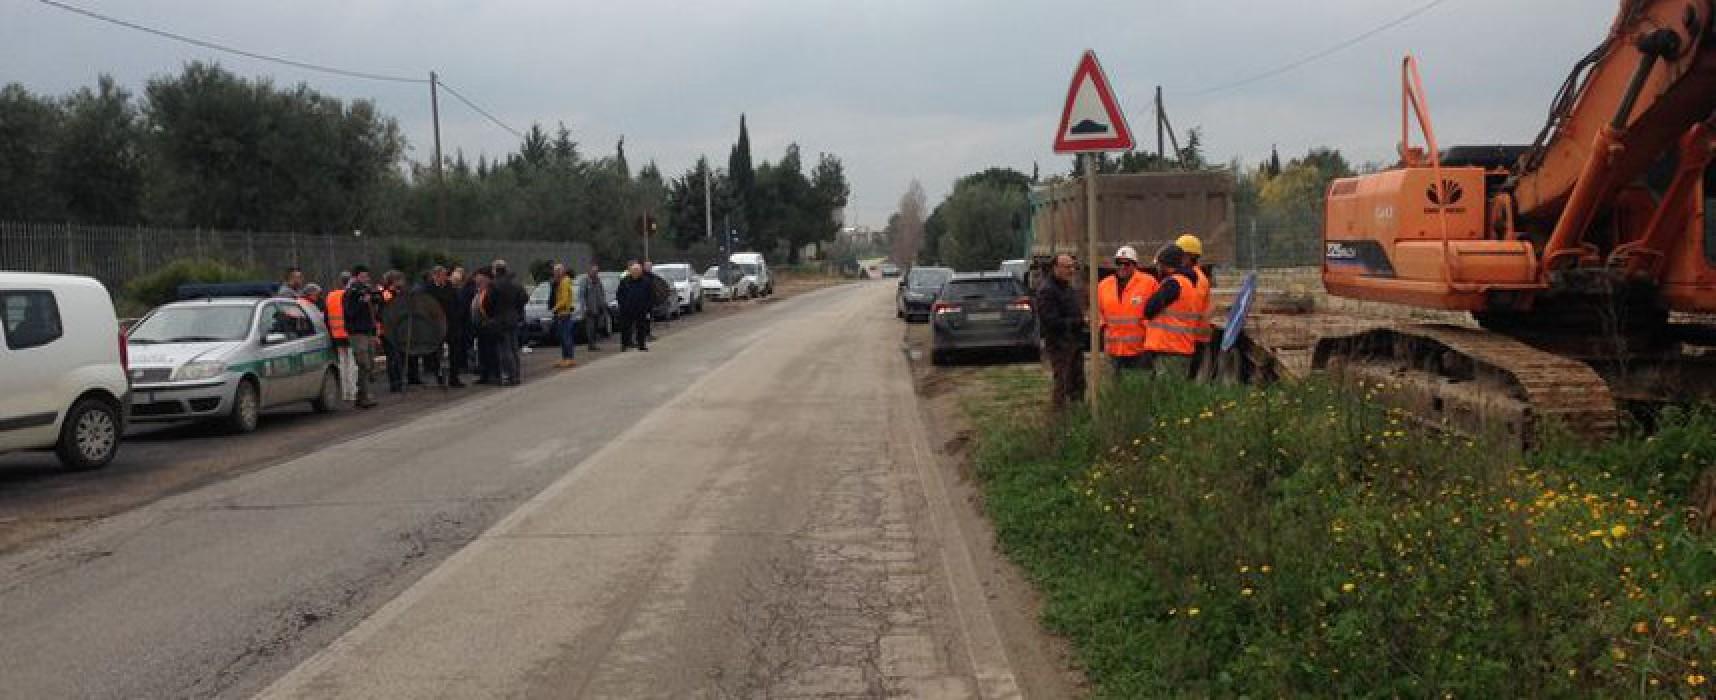 La Regione finanzia la prosecuzione dei lavori sulla provinciale Bisceglie-Andria